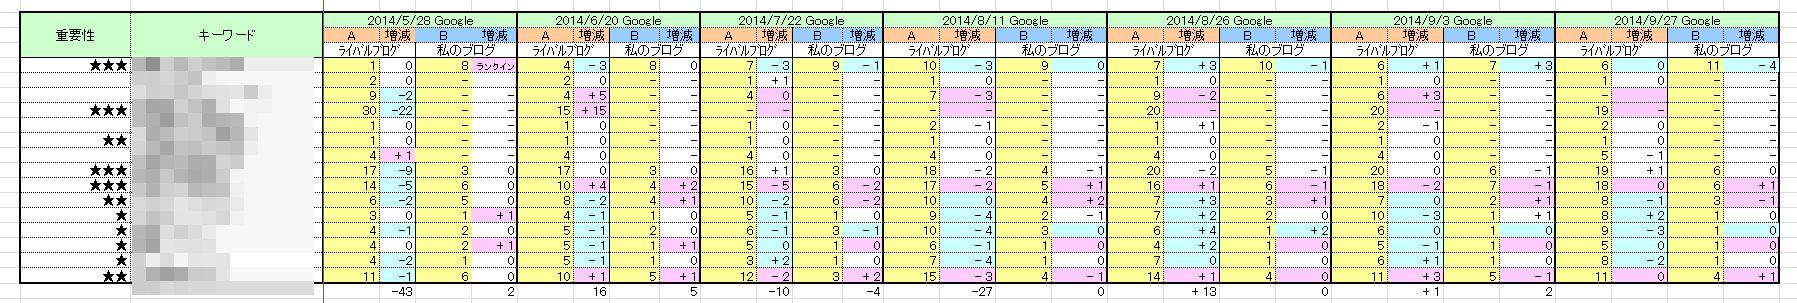 更新を止めたライバルサイトの検索順位調べ(2014/9/27)訪問者大幅減の予感?